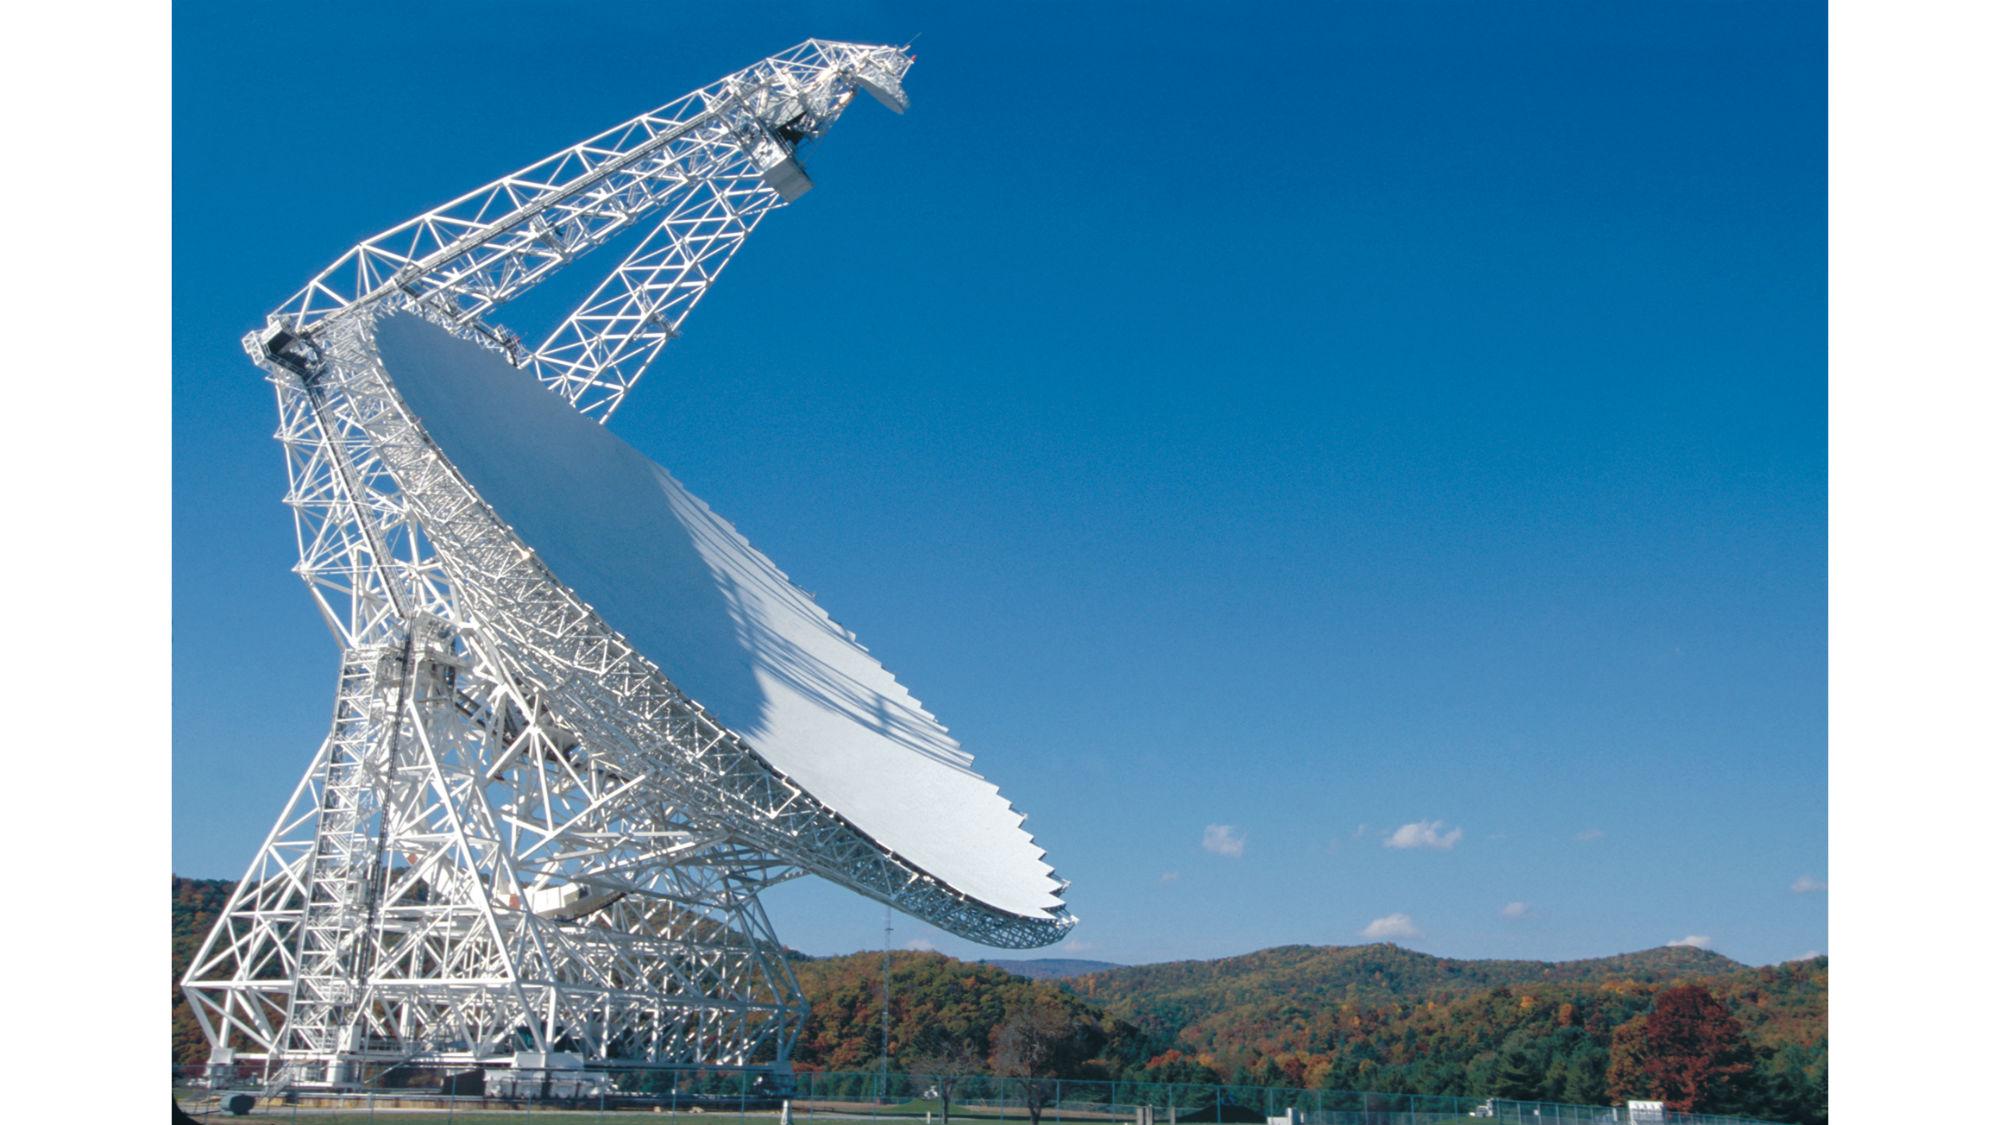 Наблюдения начнутся 26 октября и будут вестись по 8 часов на протяжении трёх ночей в течение двух следующих месяцев.